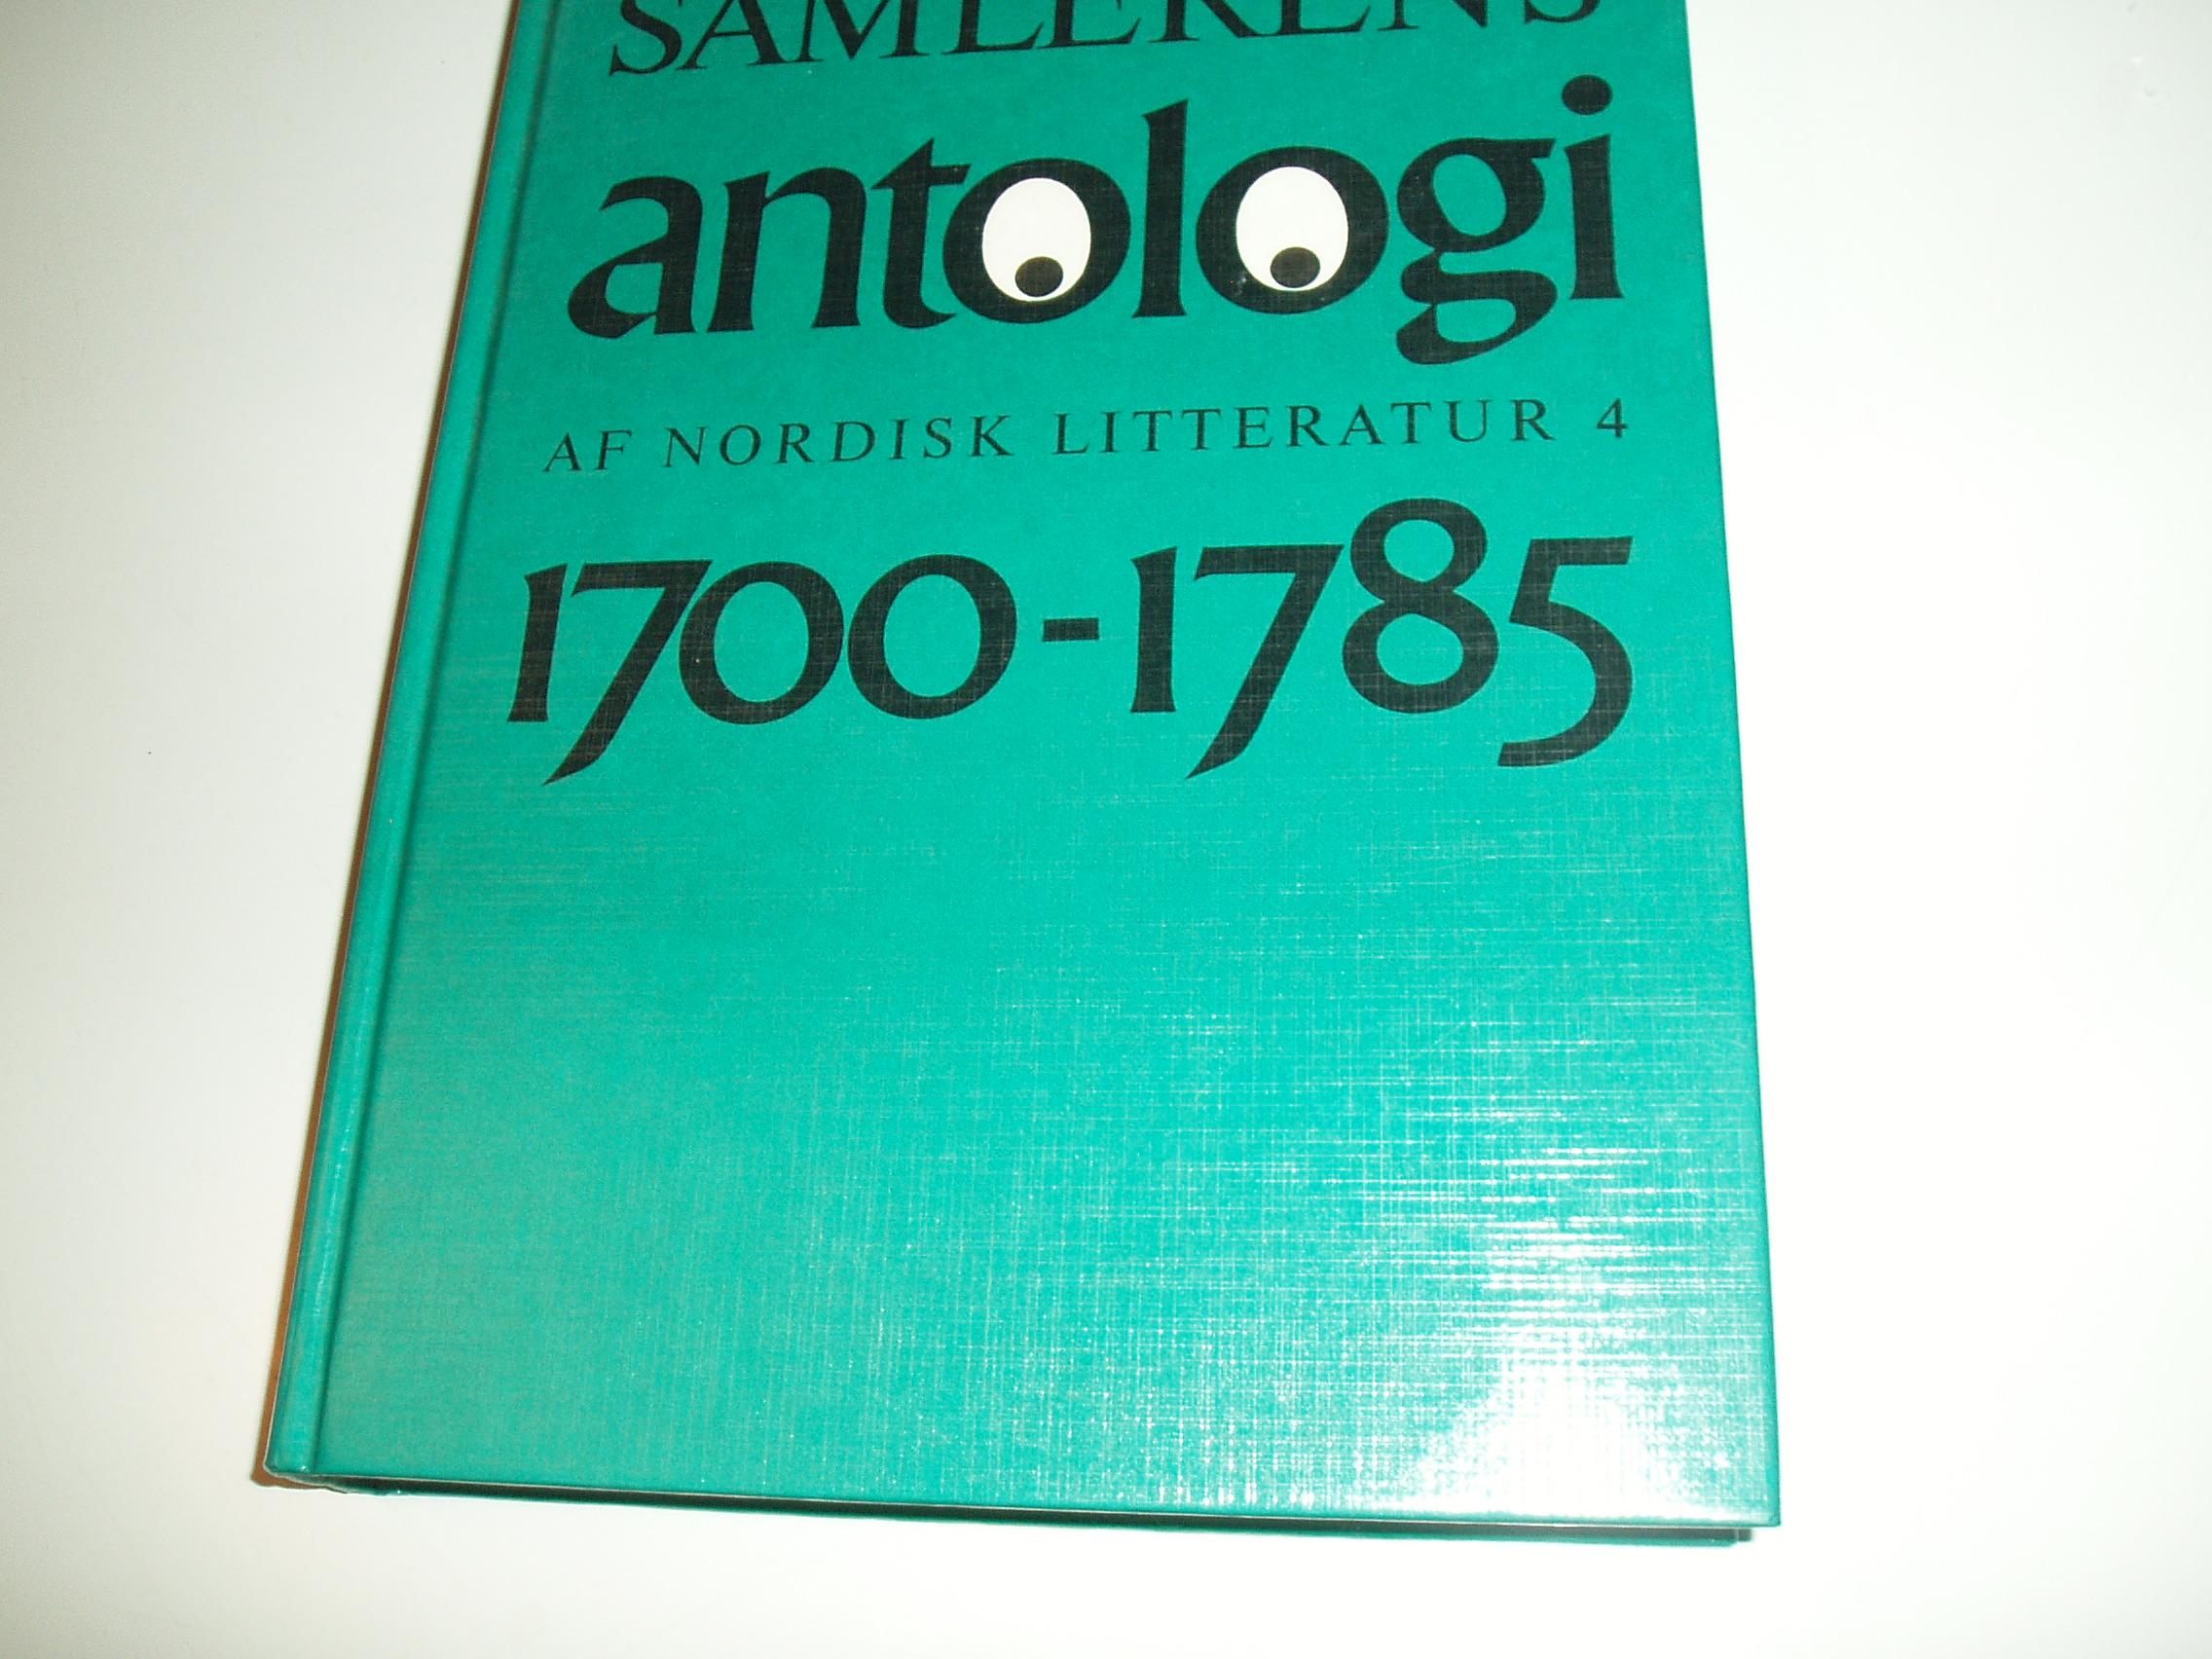 Antologi af nordisk litteratur, bind 4. Perioden 1700-1785  (Sam